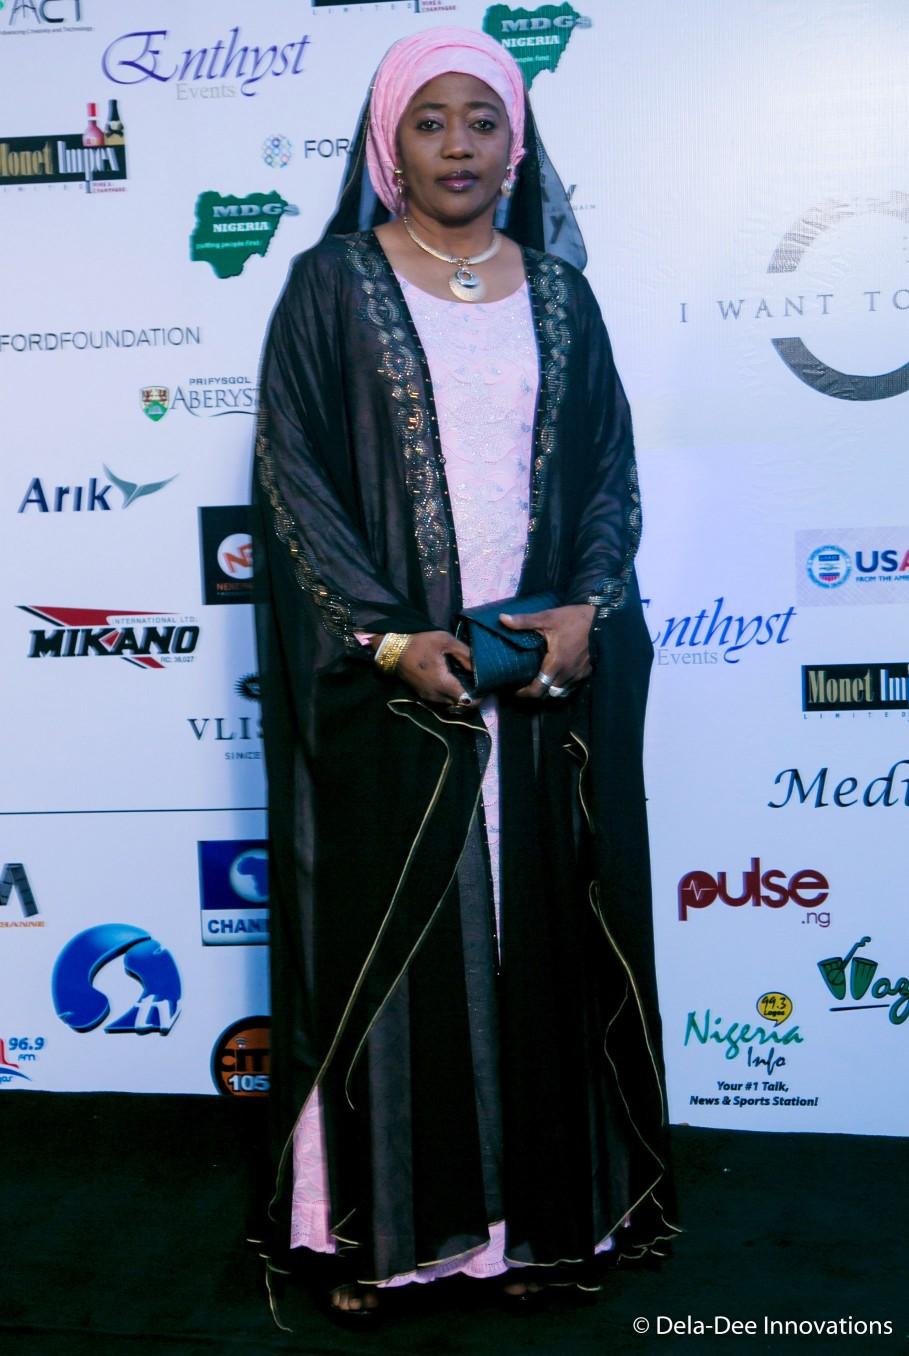 Hauwa Maina (played the role of Hadiza)